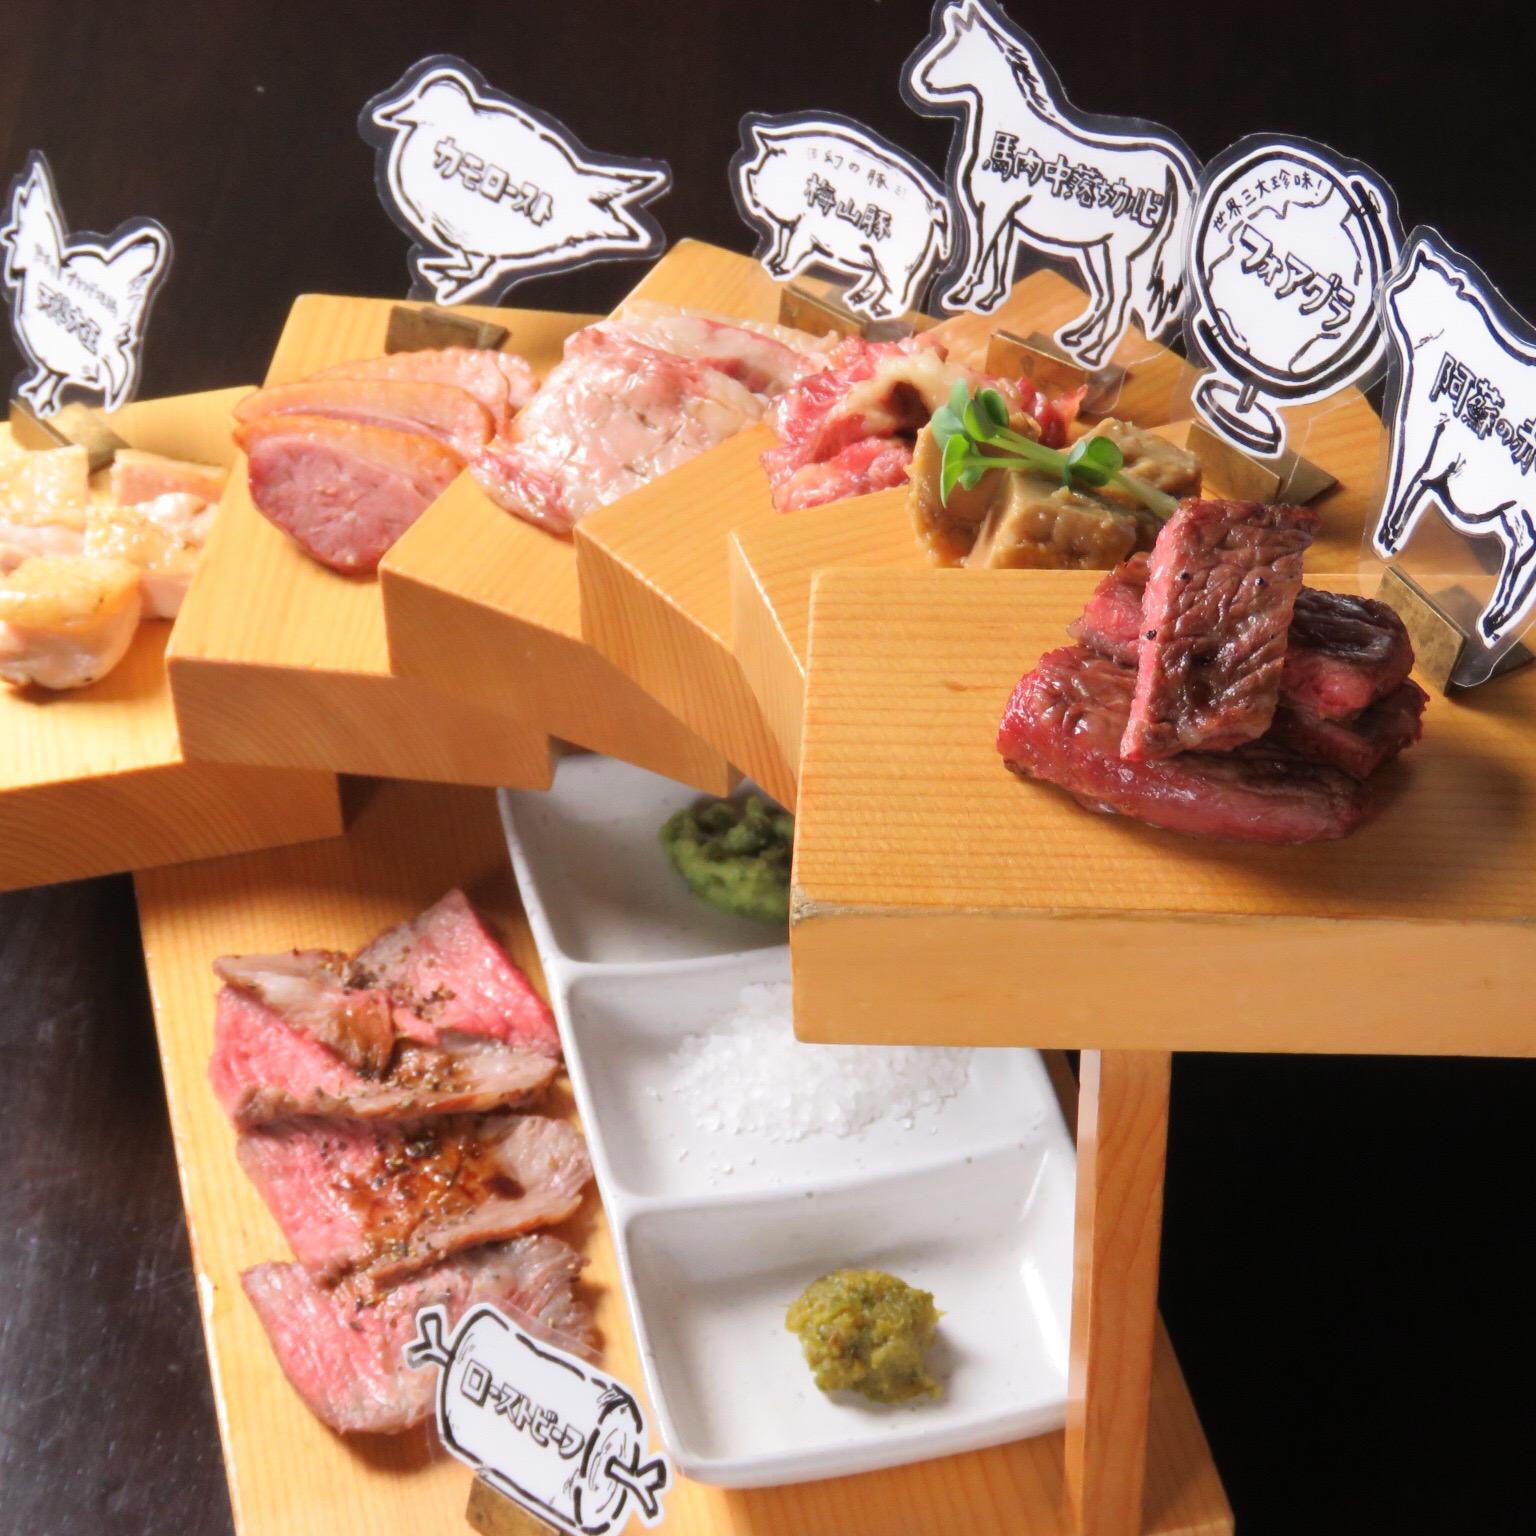 熊本で誕生日のお祝い! 馬刺し、阿蘇のあか牛、天草大王が食べられる店